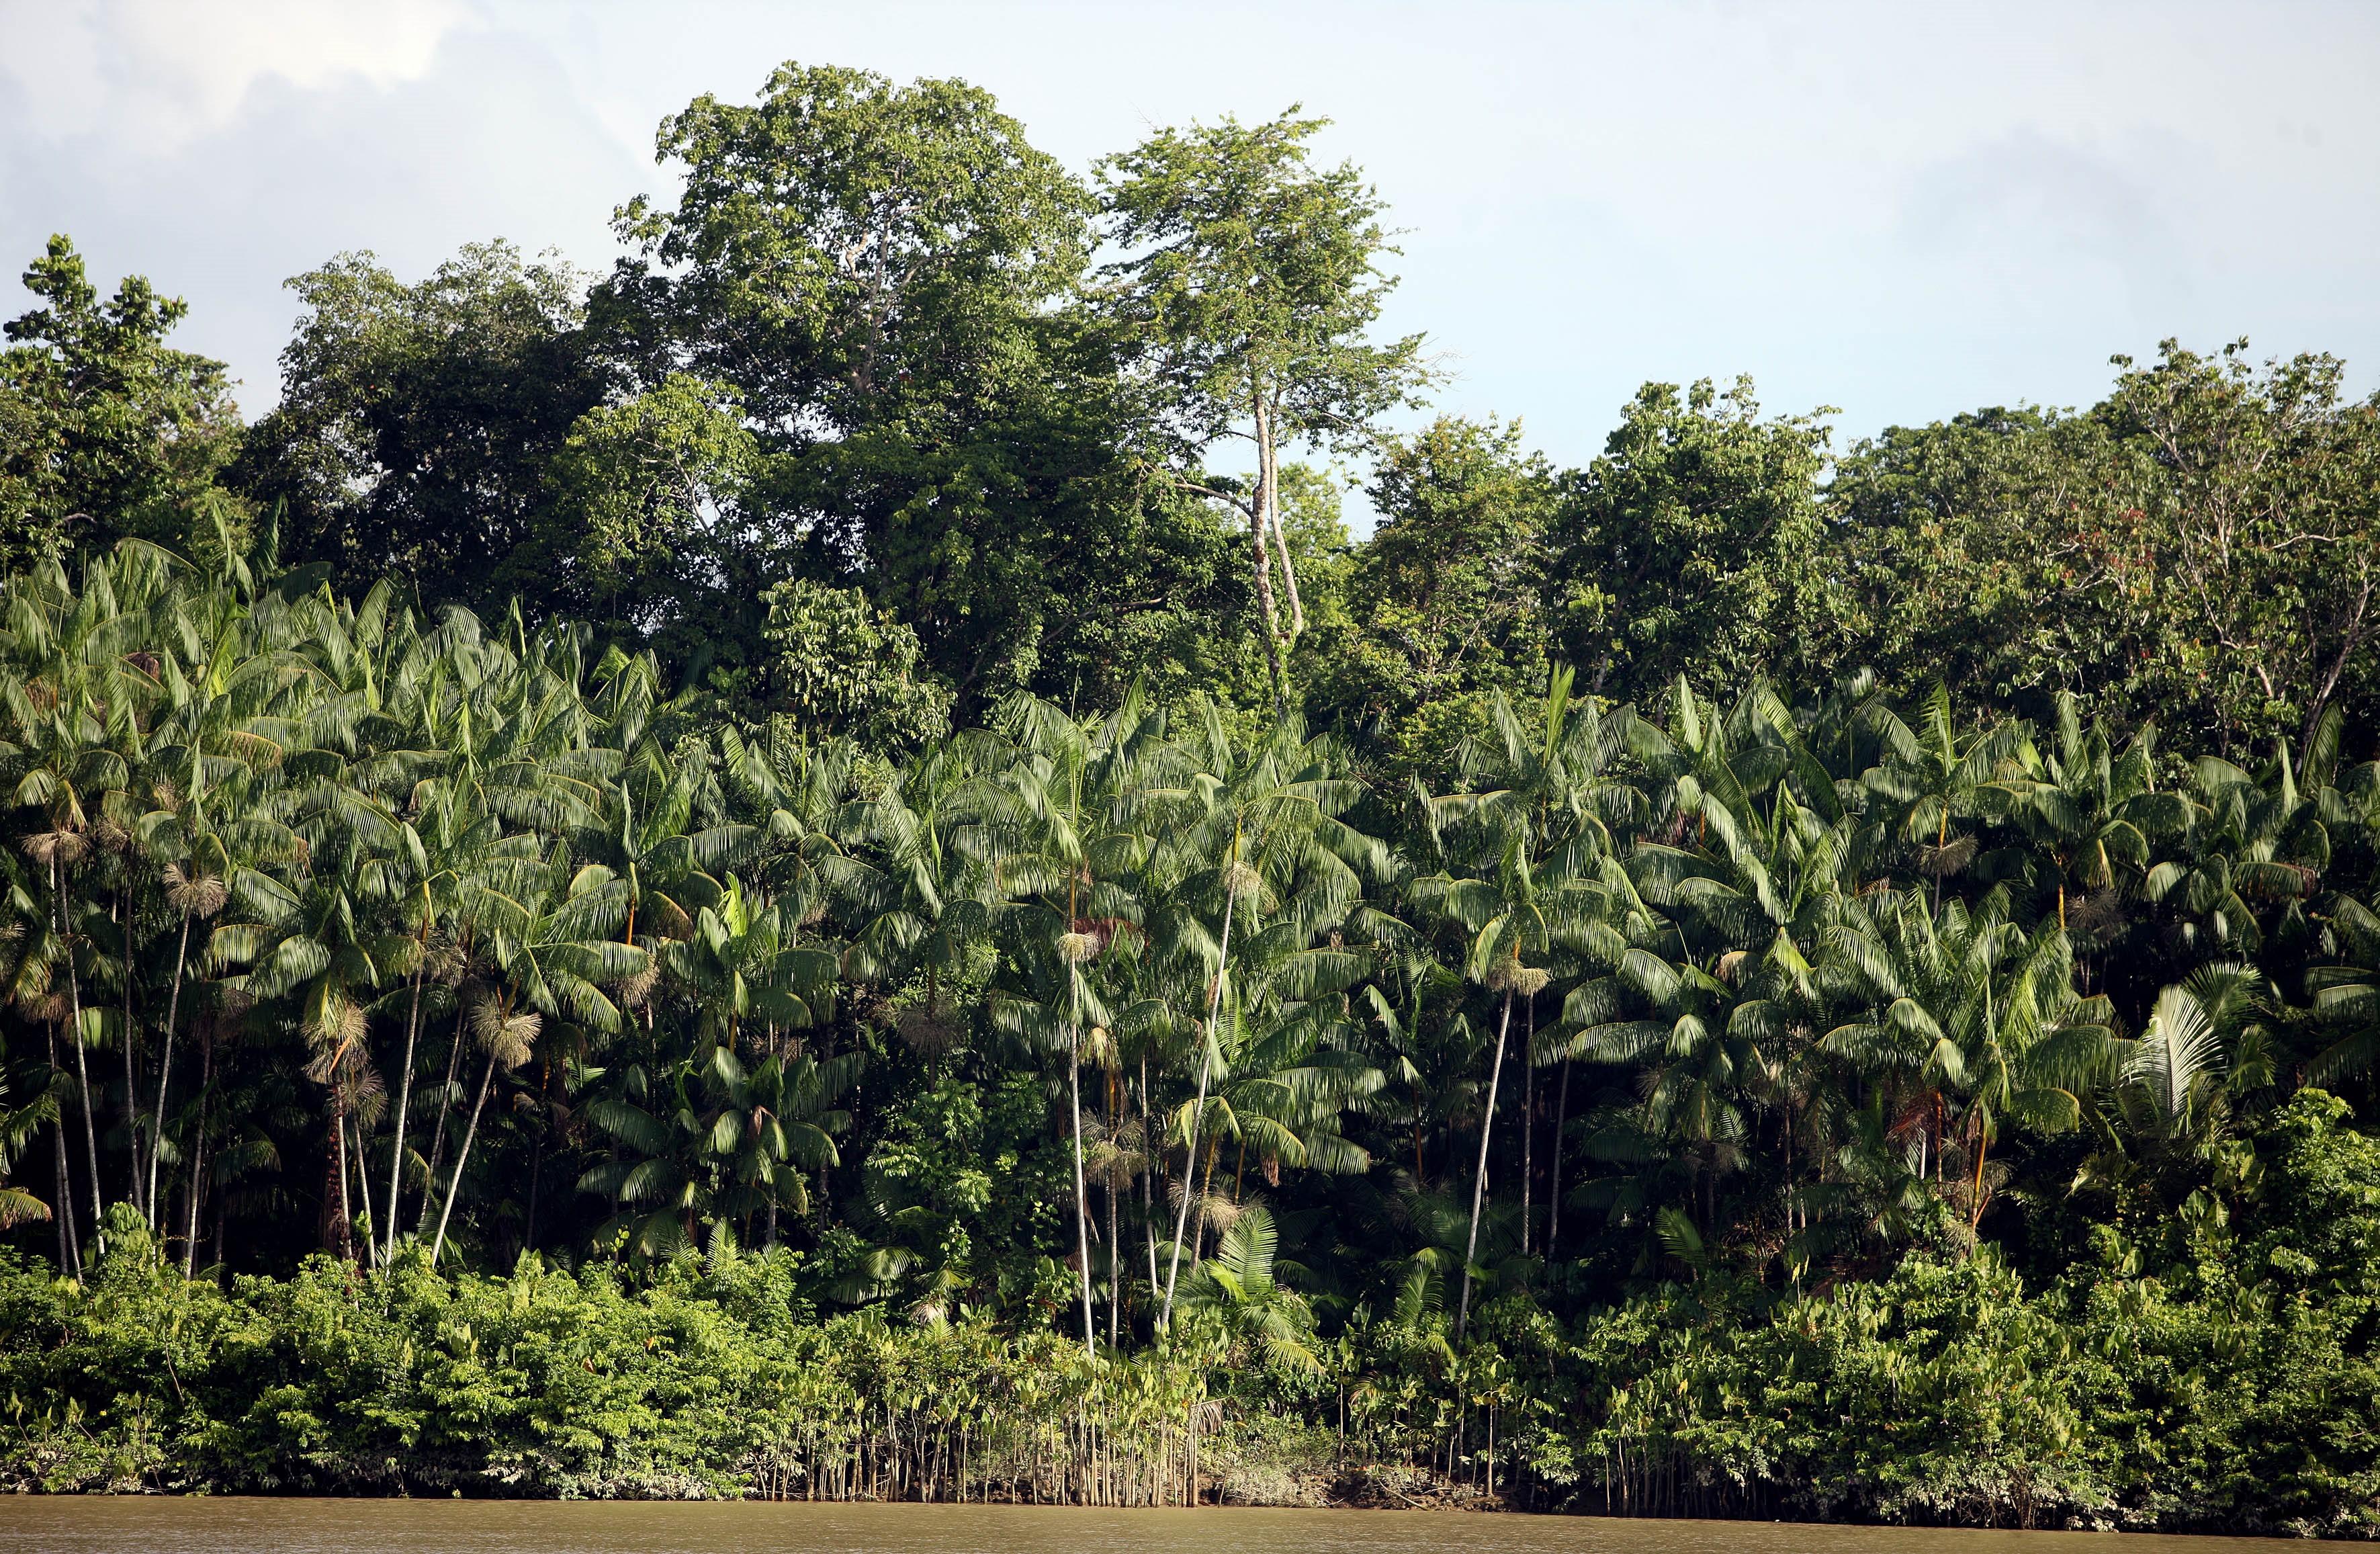 Meio Ambiente - Parques e Florestas - mata vegetação flora florestal árvores